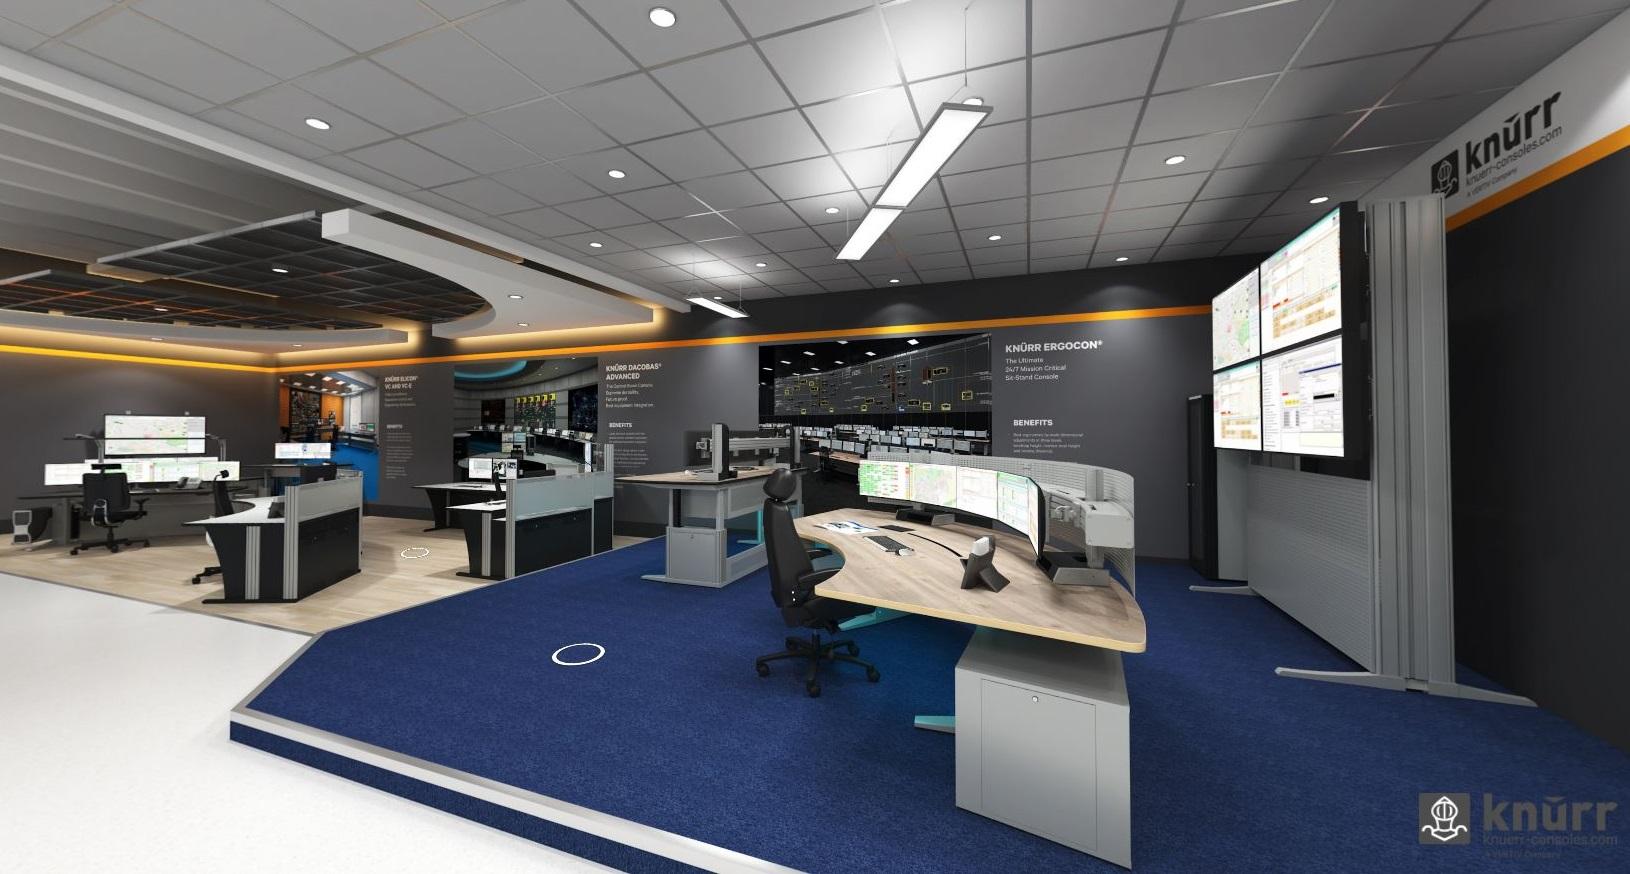 Bild für Nachricht Virtual Reality Showroom